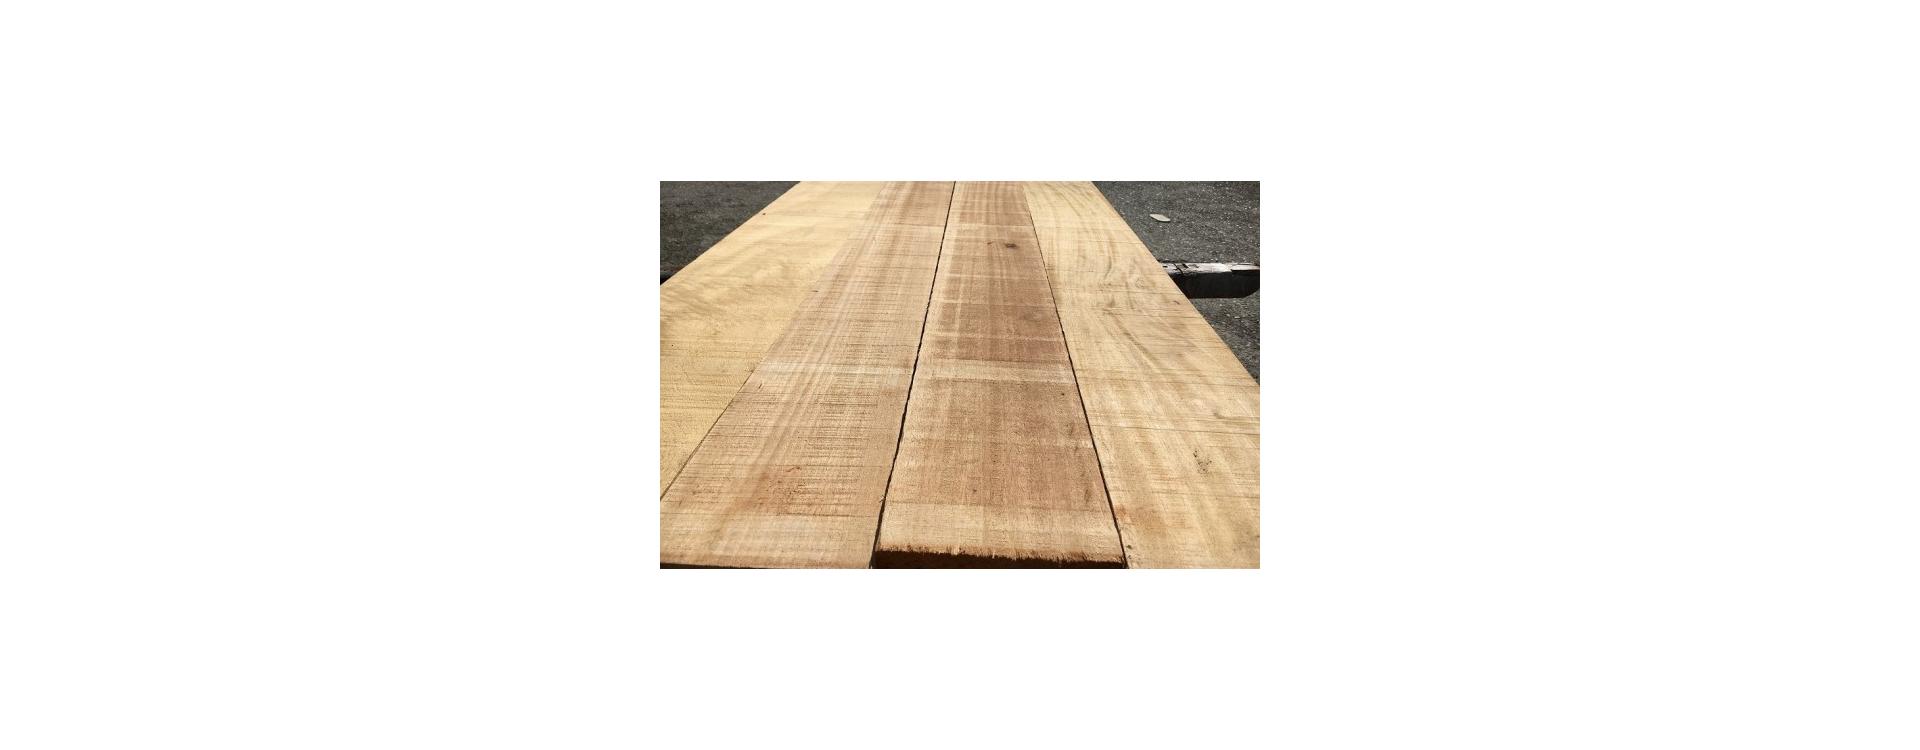 Scopriamo insieme le tavole di legno Ayous, leggere ed economiche